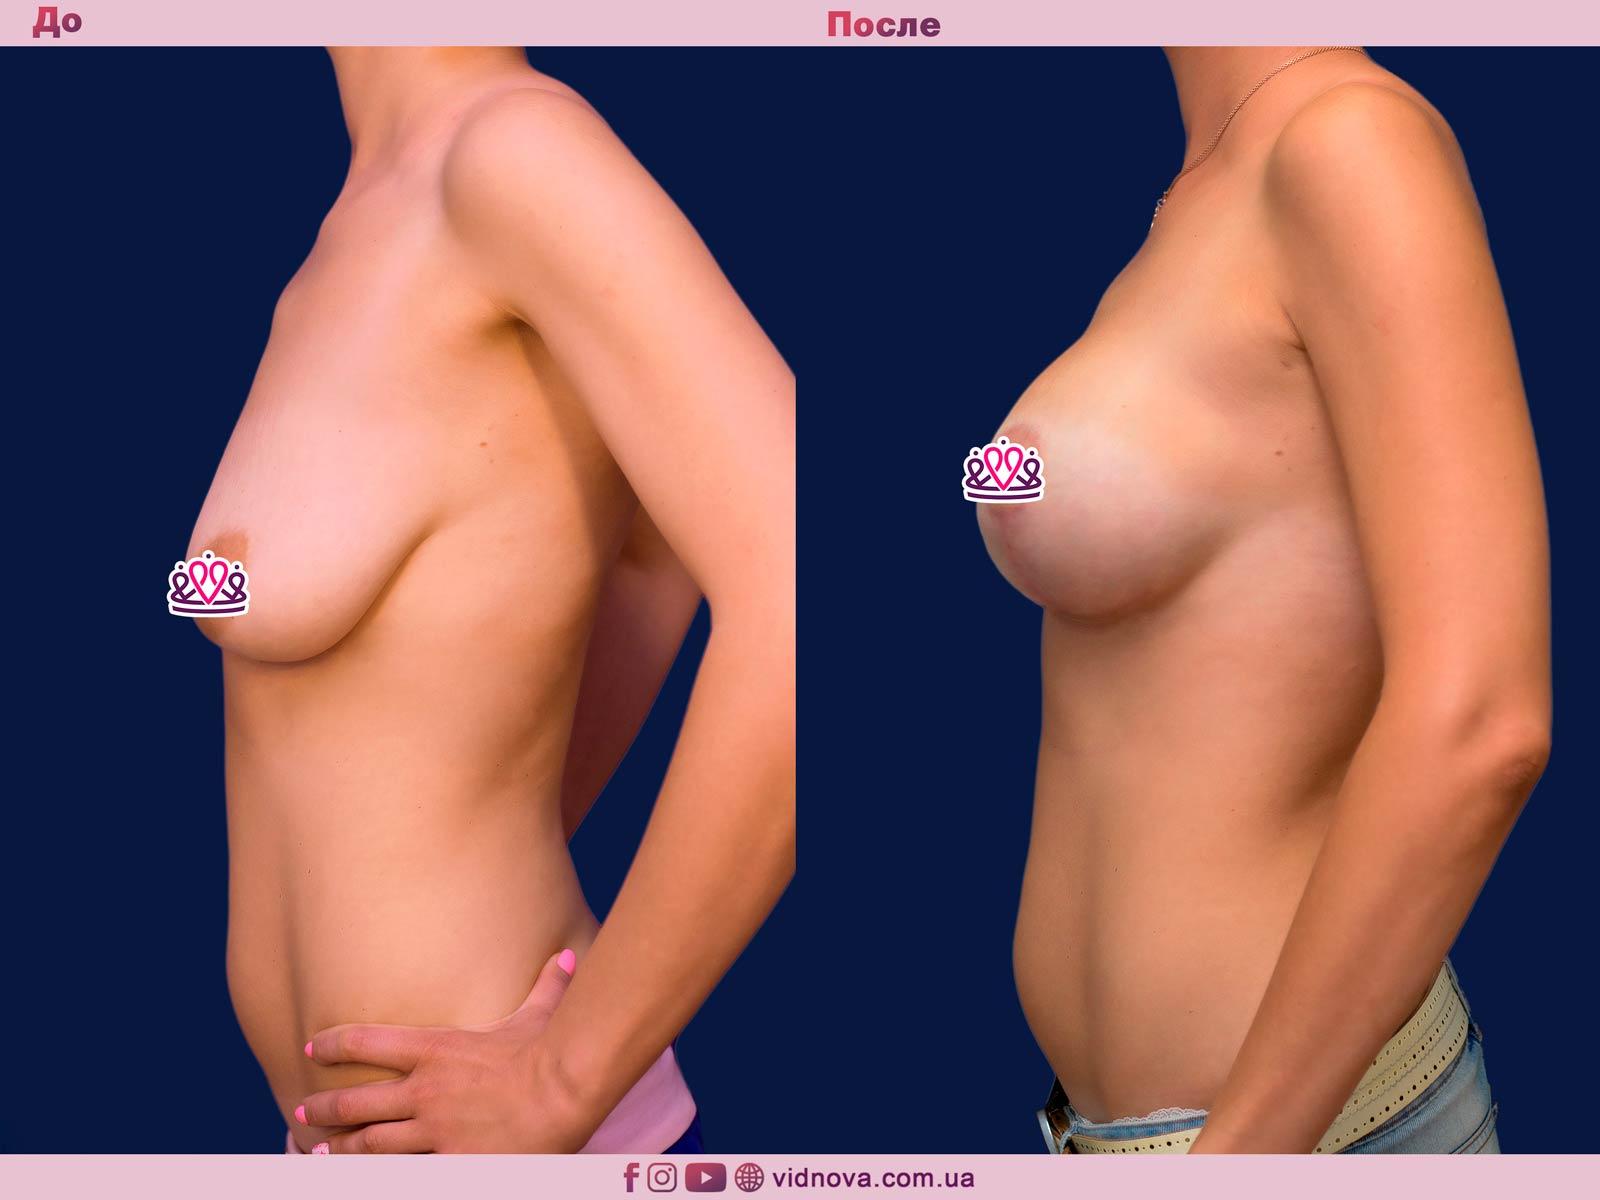 Пластика груди: результаты до и после - Пример №21-2 - Светлана Работенко